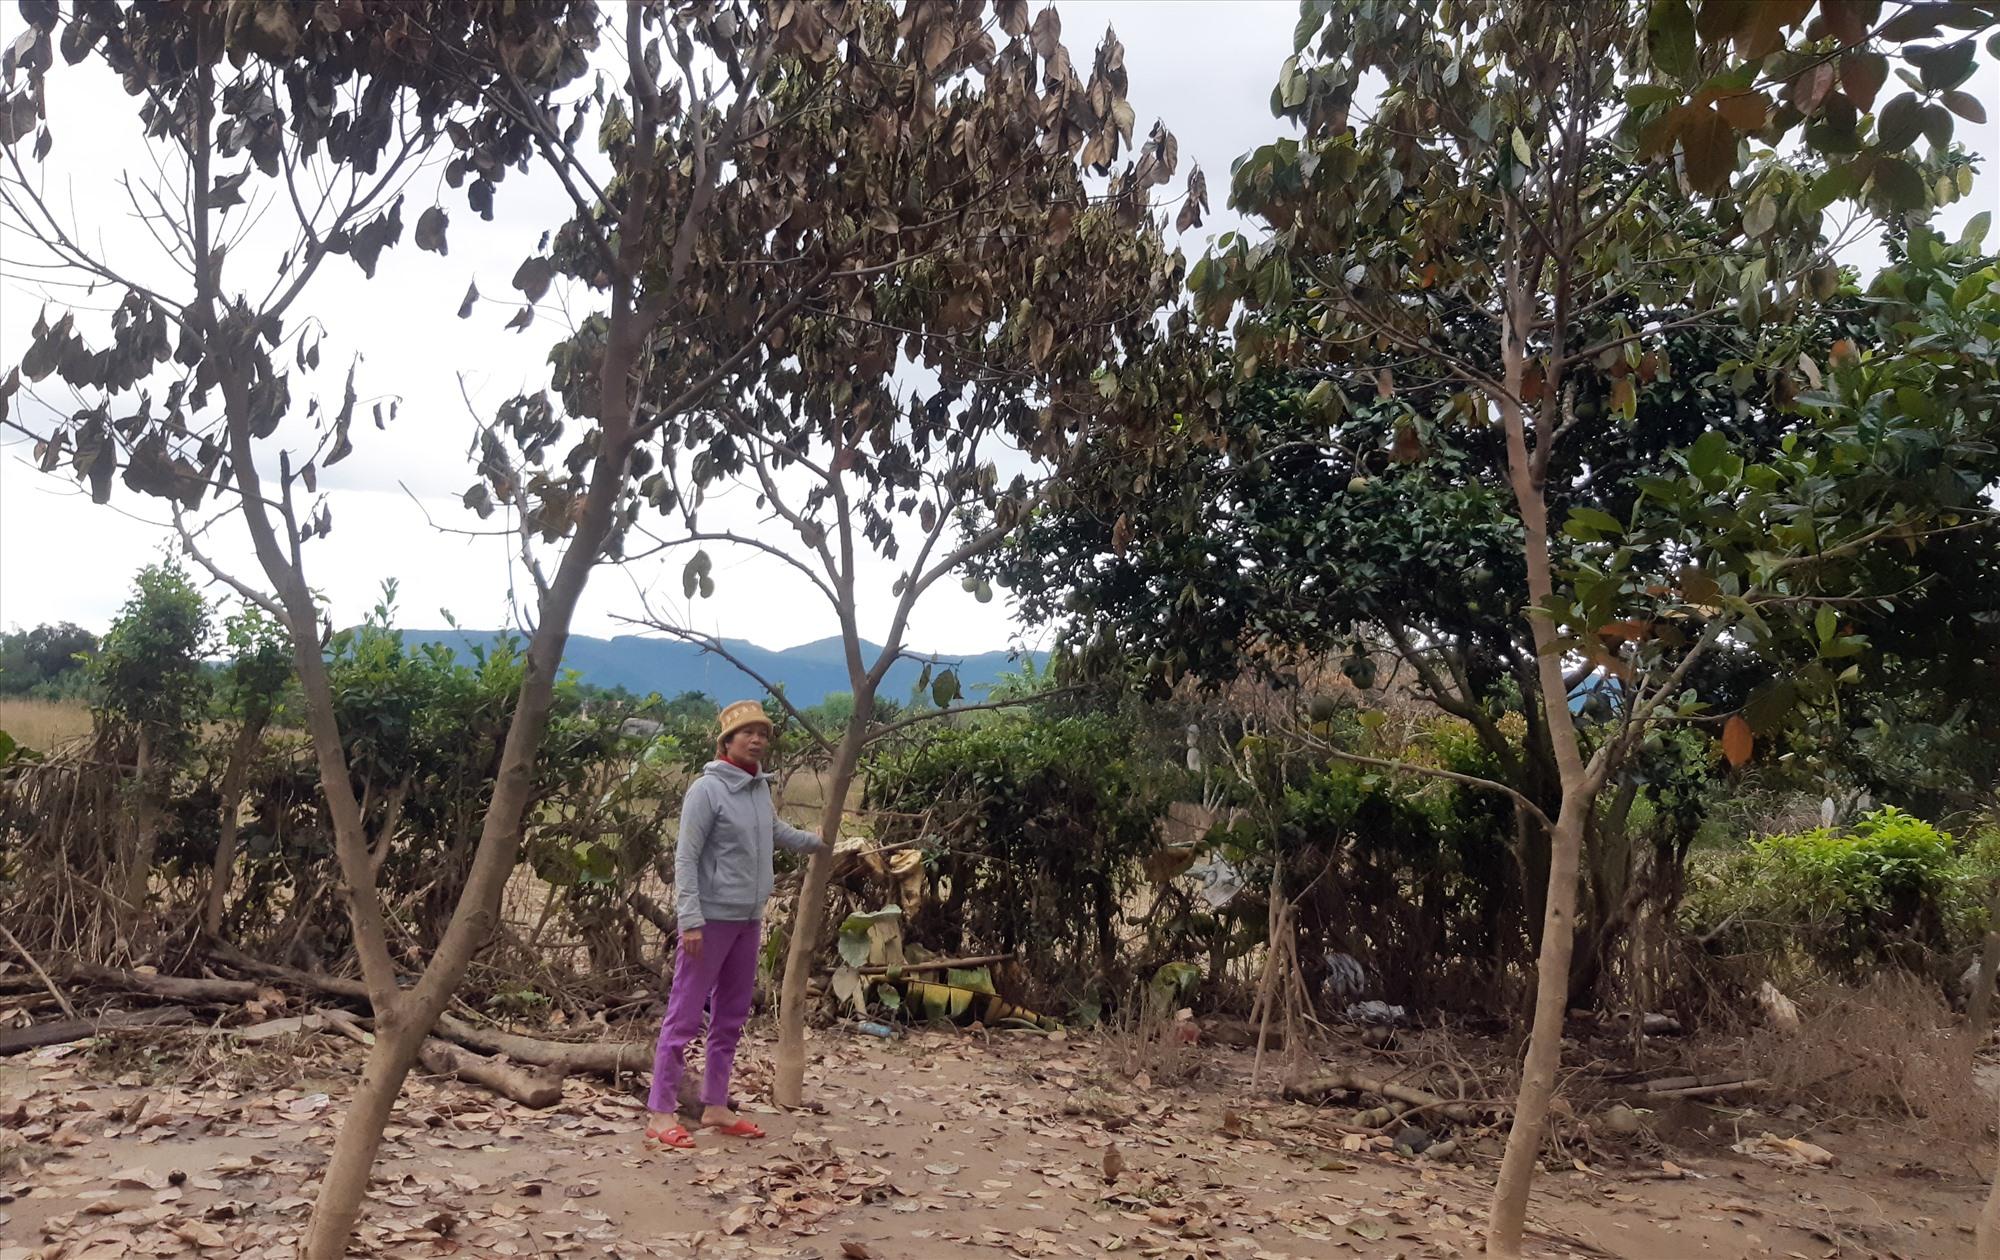 Vườn cây ăn quả của chị Trương Thị Nhơn (thôn Thái Chấn Sơn, Đại Hưng) bị thiệt hại nặng nề do lũ lụt. Ảnh: HOÀNG LIÊN